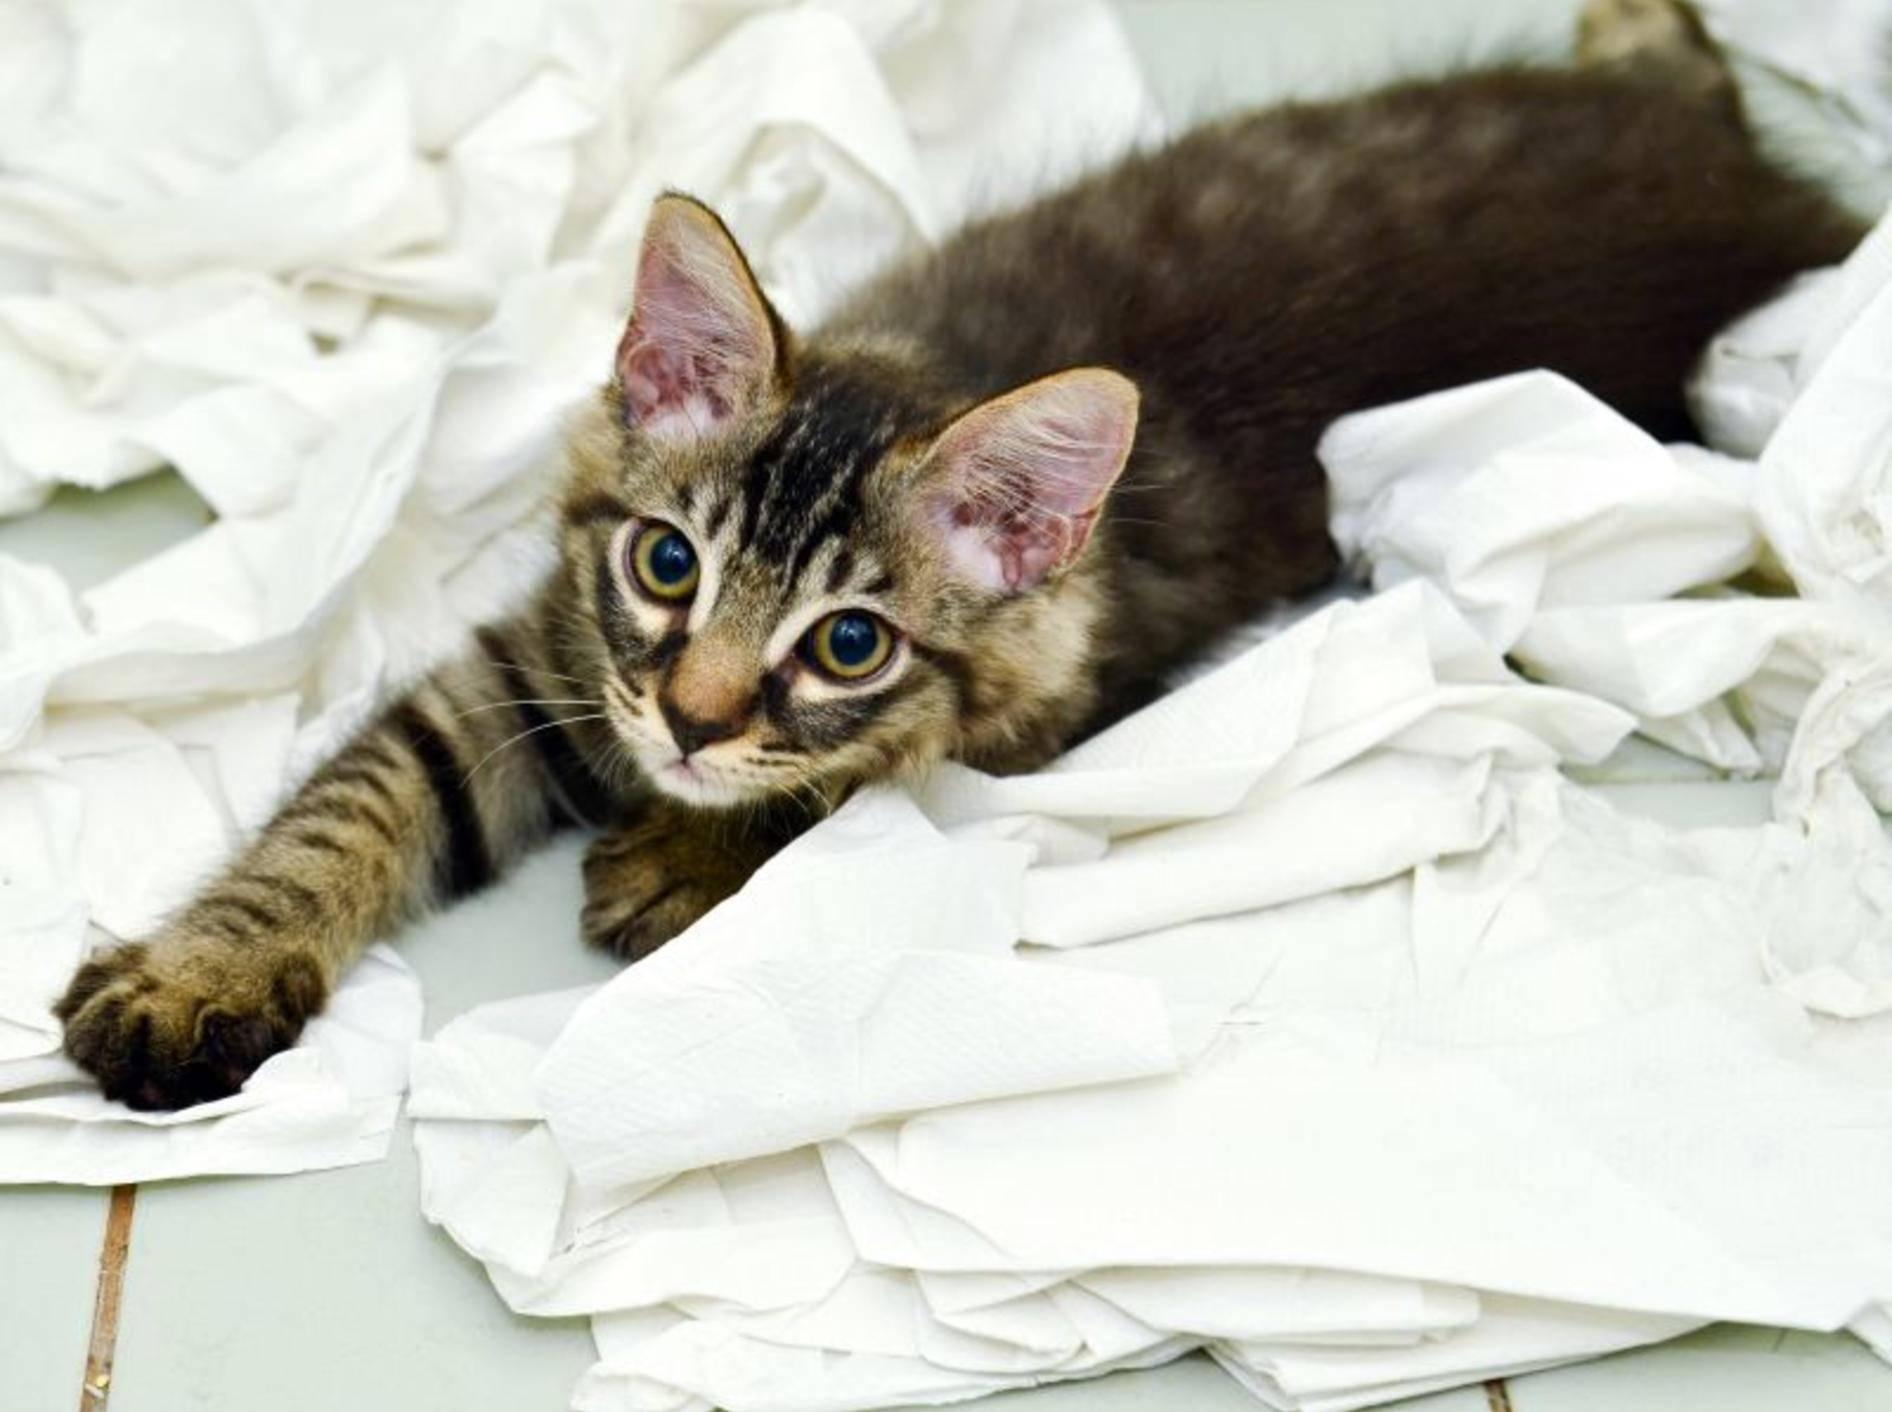 Diese Katze hat noch nicht ganz die richtige Katzenstreu gefunden — Bild: Shutterstock / hwongcc